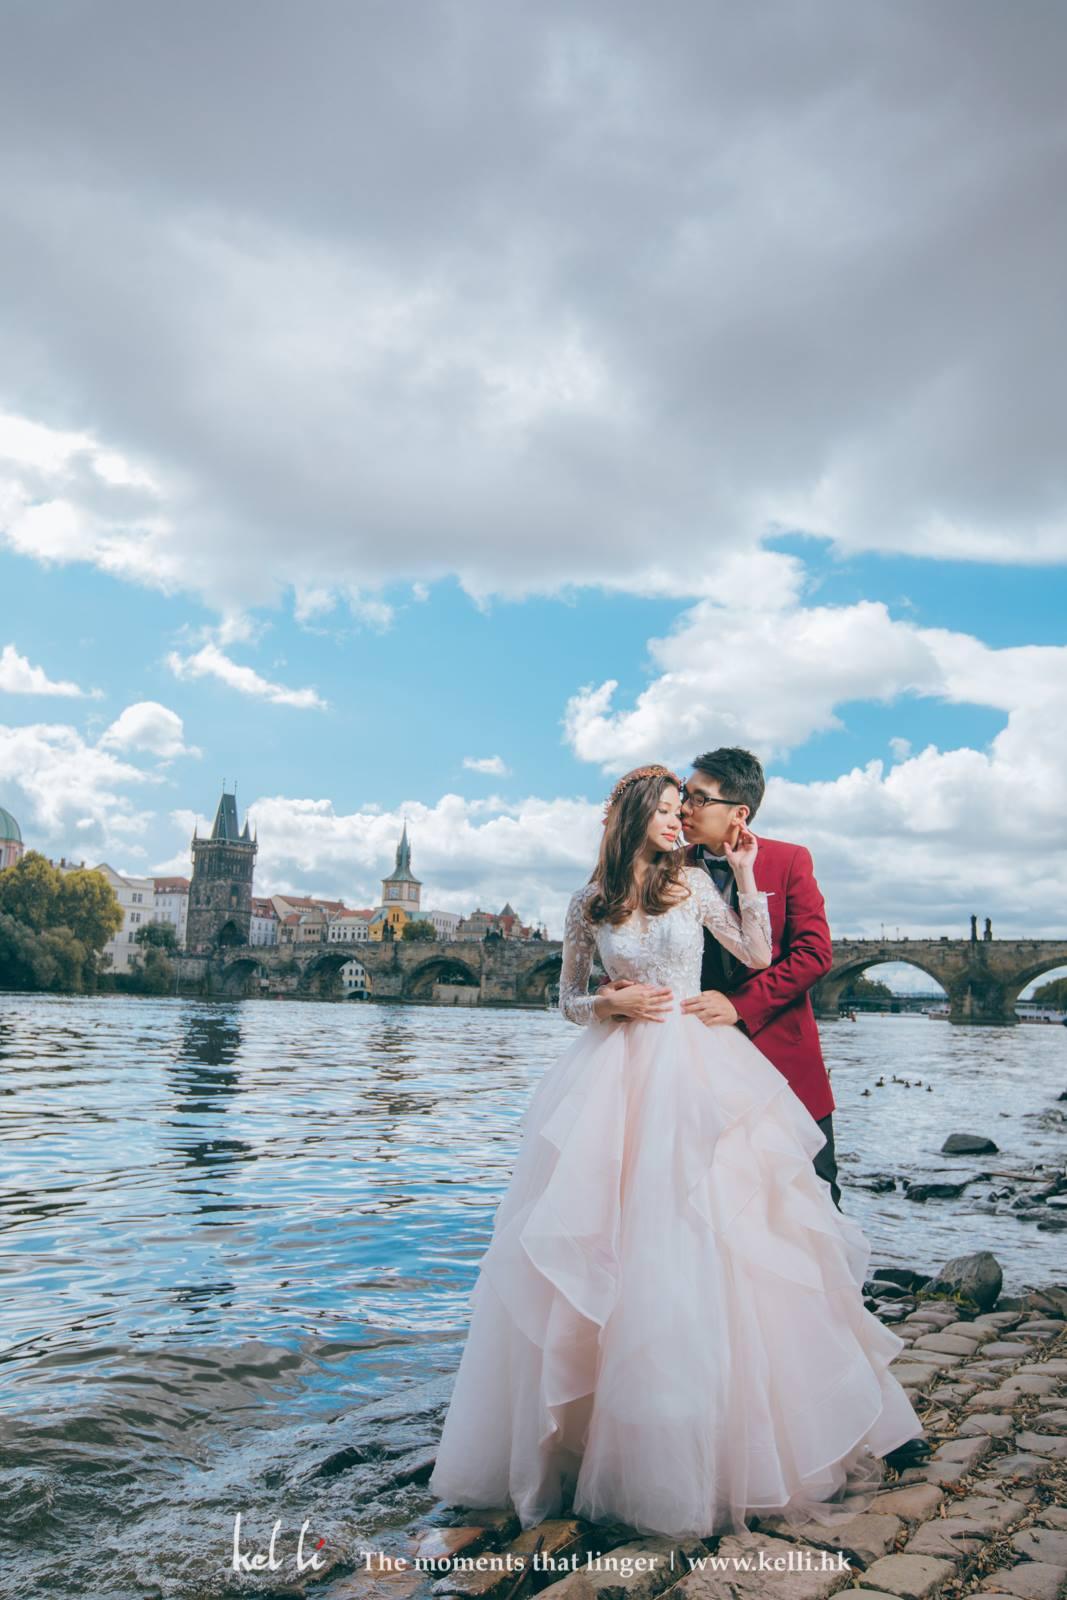 隔岸美麗的查理大橋,也是婚紗影地標之一